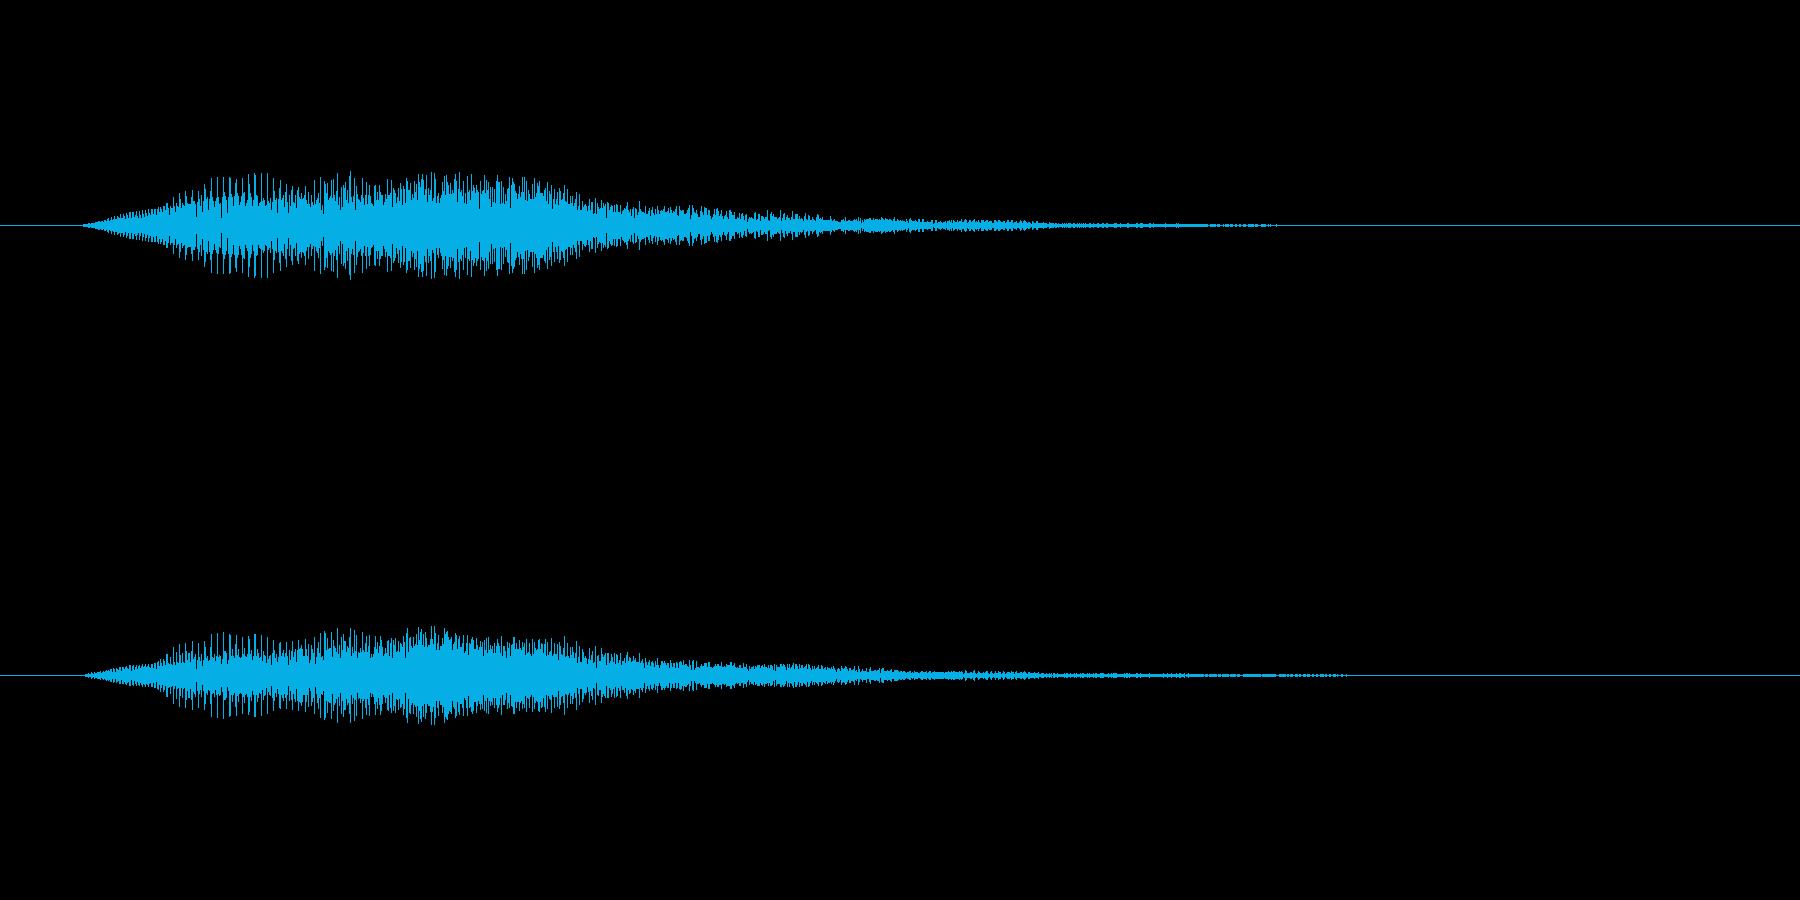 ボタンを押し決定した時の音です の再生済みの波形